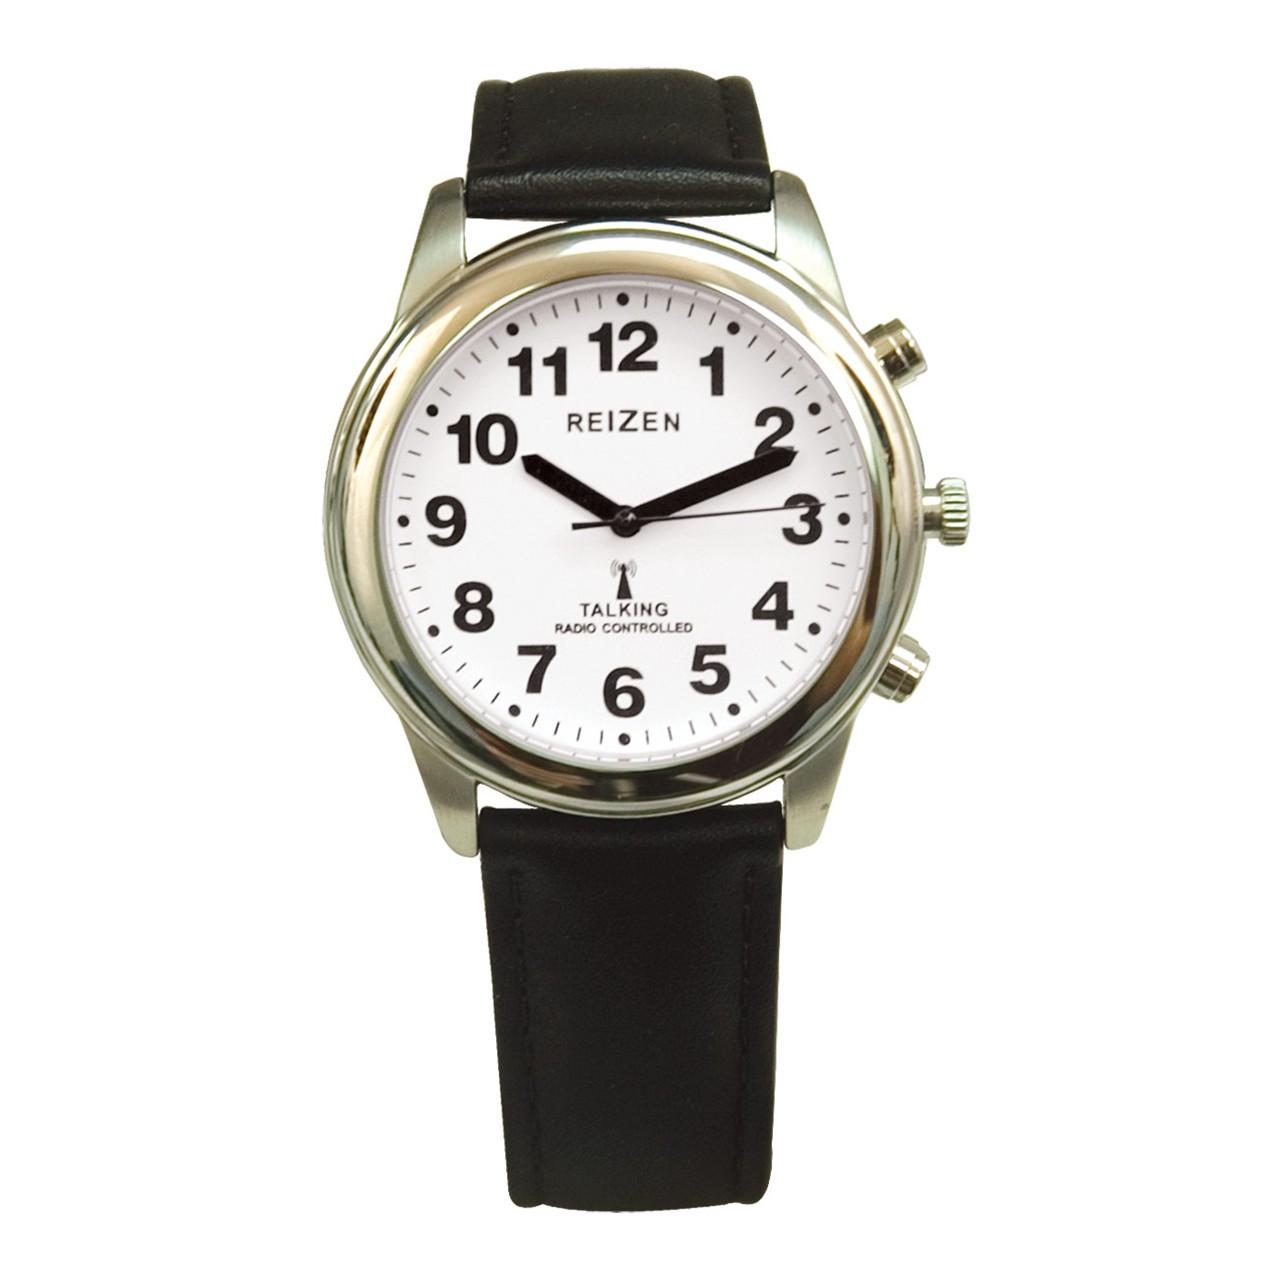 reizen atomic talking pocket watch best pocket 2017